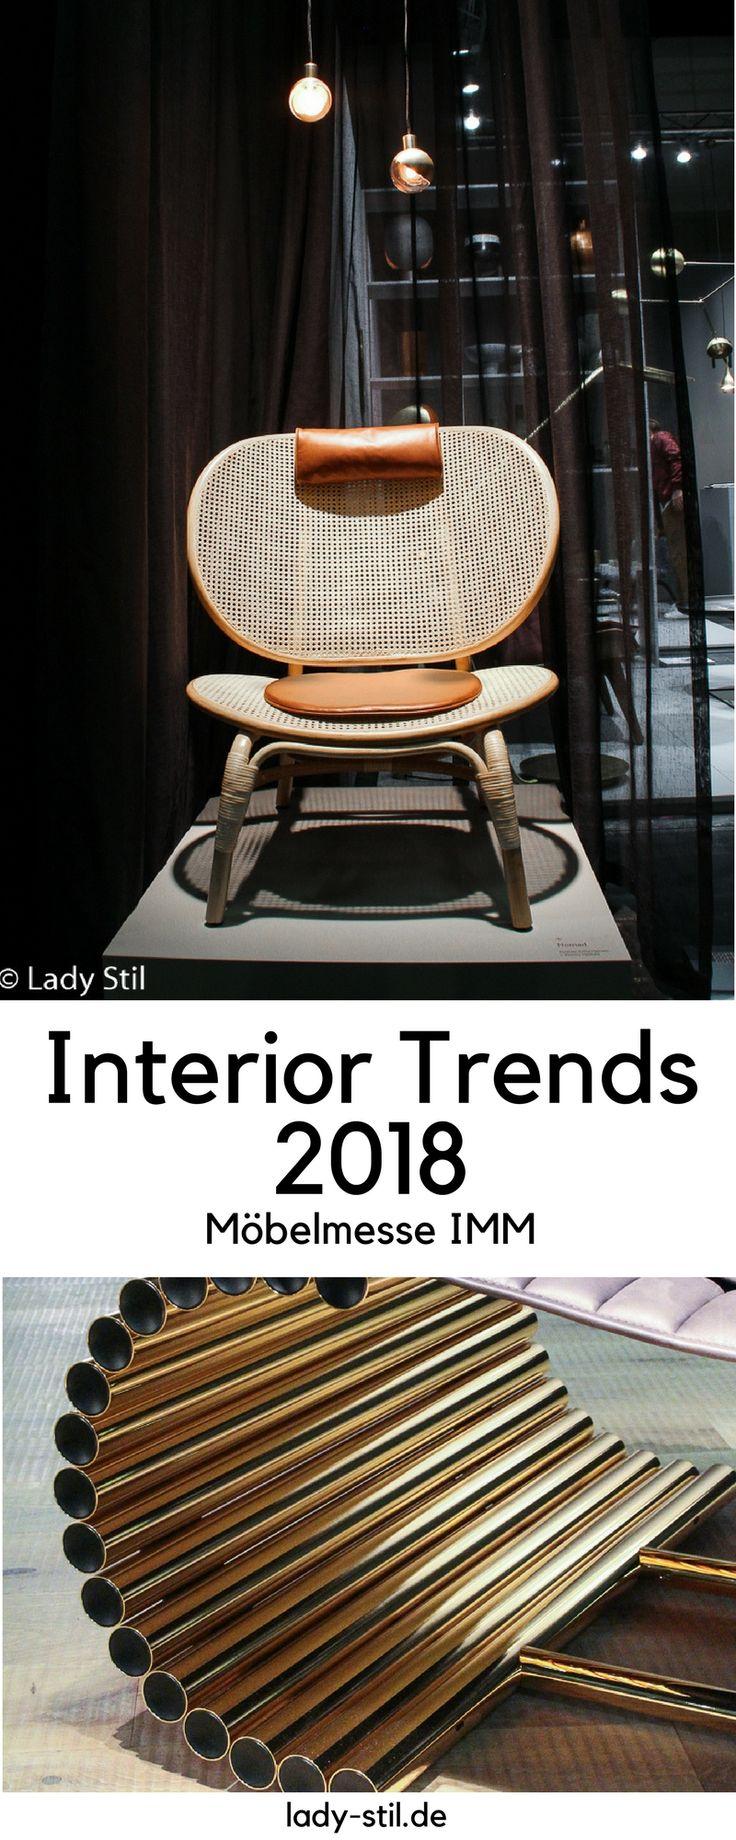 Interior Trends 2018 Möbeltrends Möbelmesse IMM Köln, Messeeindrücke von de Sede, ClassiCon, Artflex, by Lassen, Design House Stockholm, Gazzda, leolux, Menu,uvm